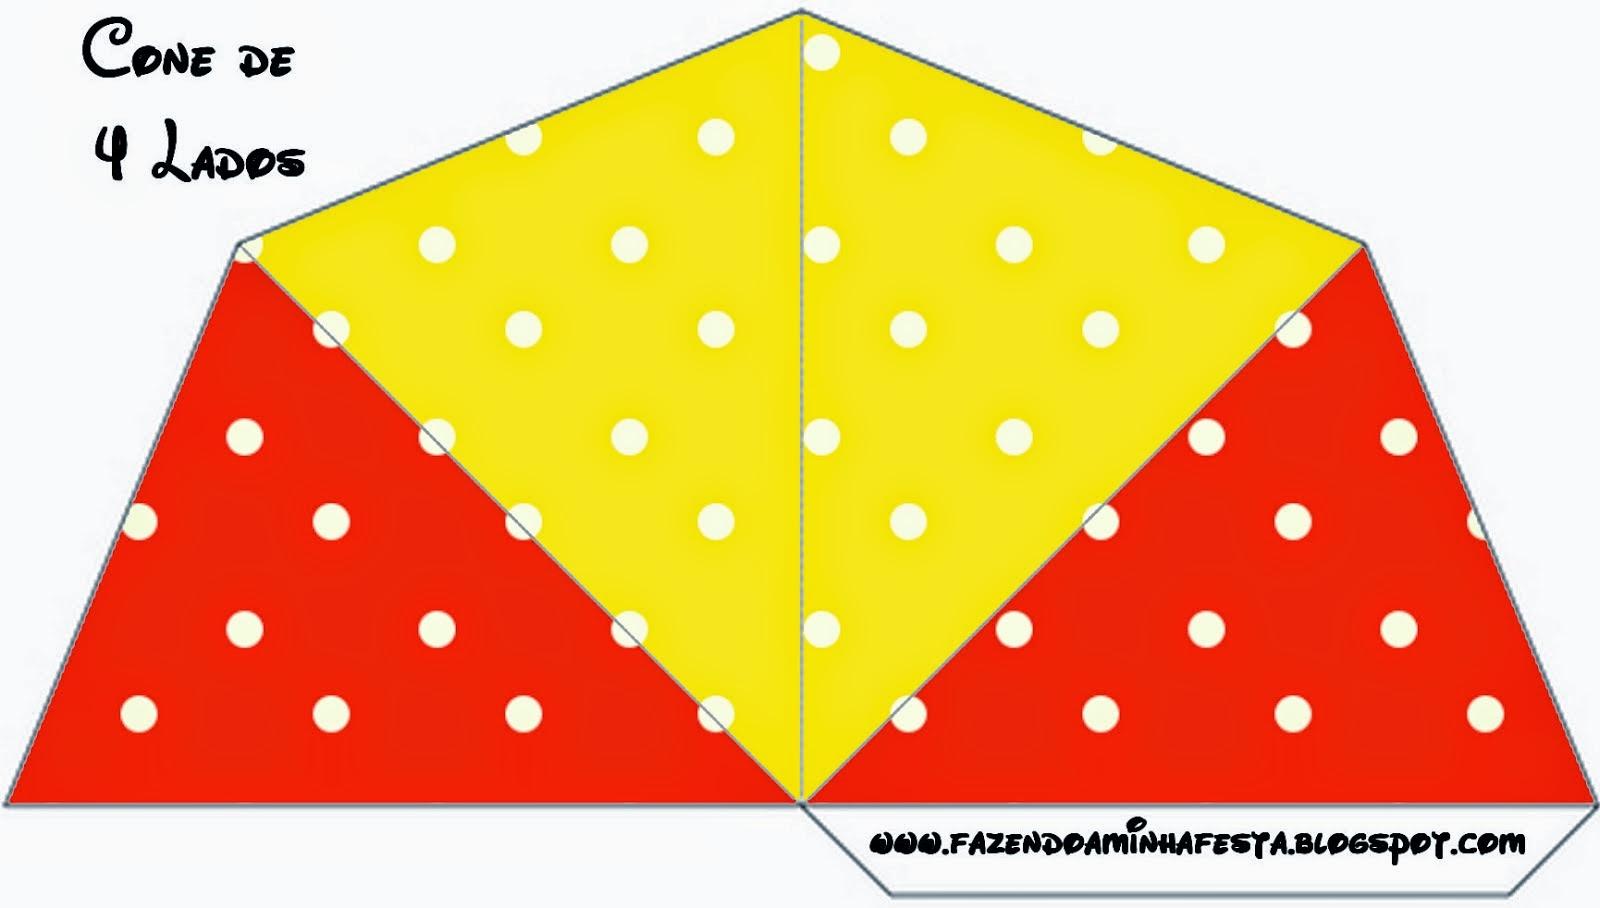 Conos=Cucuruchos para Imprimir Gratis de Rojo, Amarillo y Lunares Blancos.